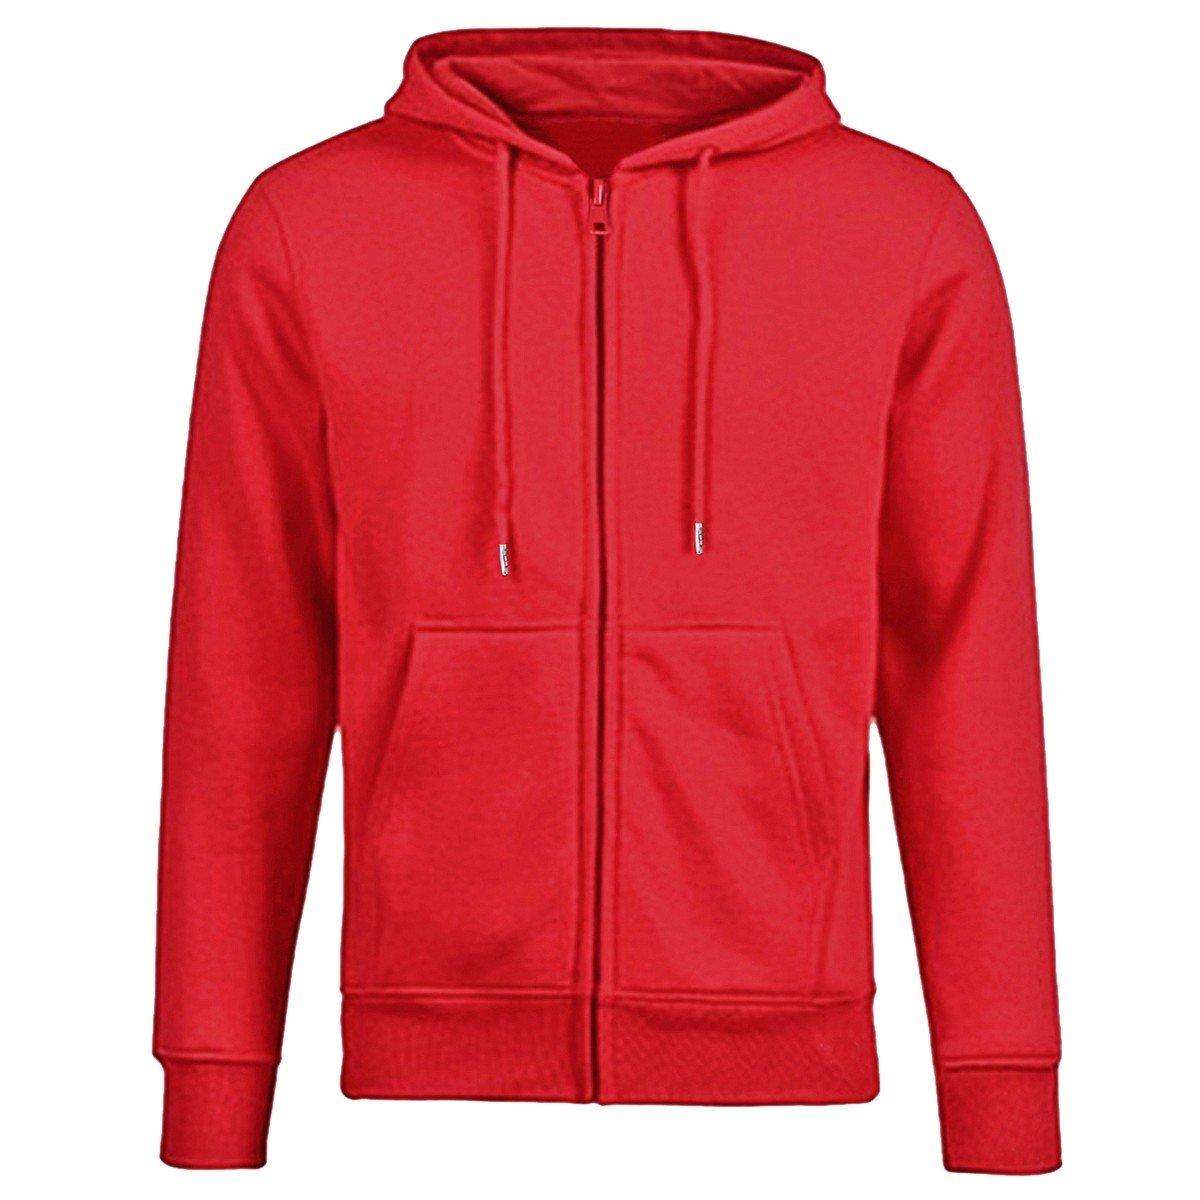 Samtree Women's Drawtring Hoodie Zip up Sweatshirt Sport Fleece Jacket